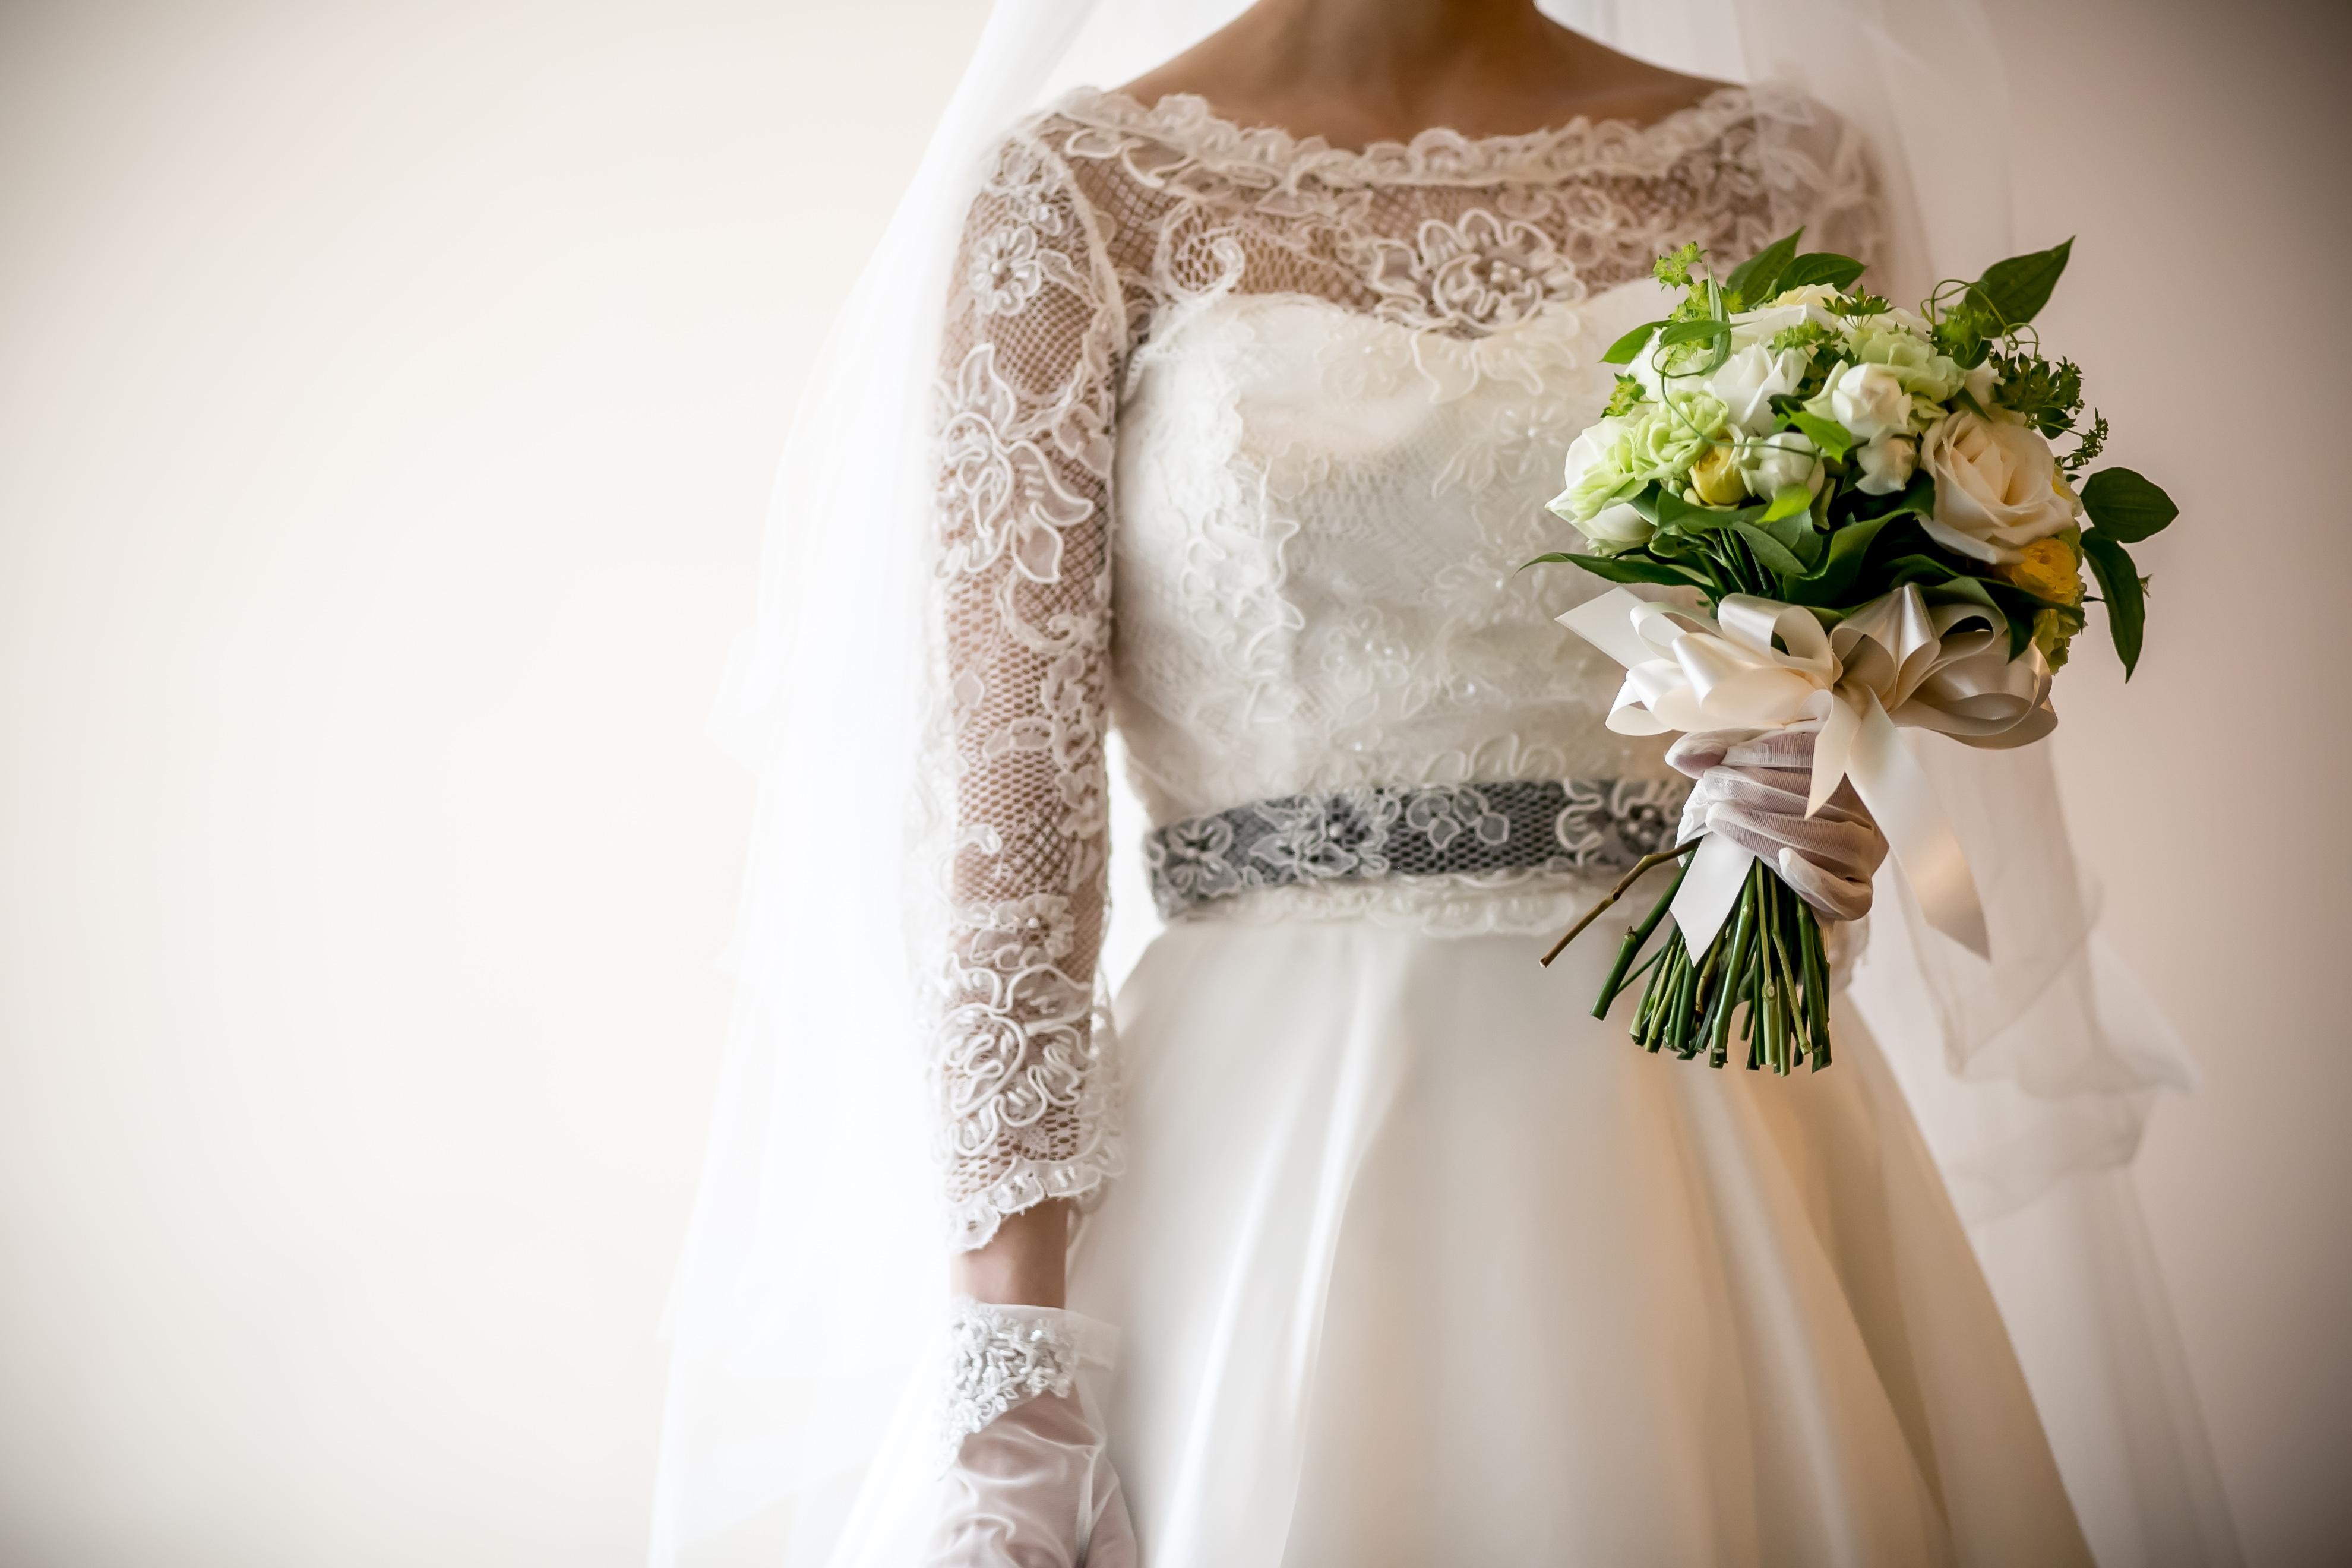 ボレロ|ロングスリーブのドレス|グランマニエのウエディングドレス|サッシュベルト